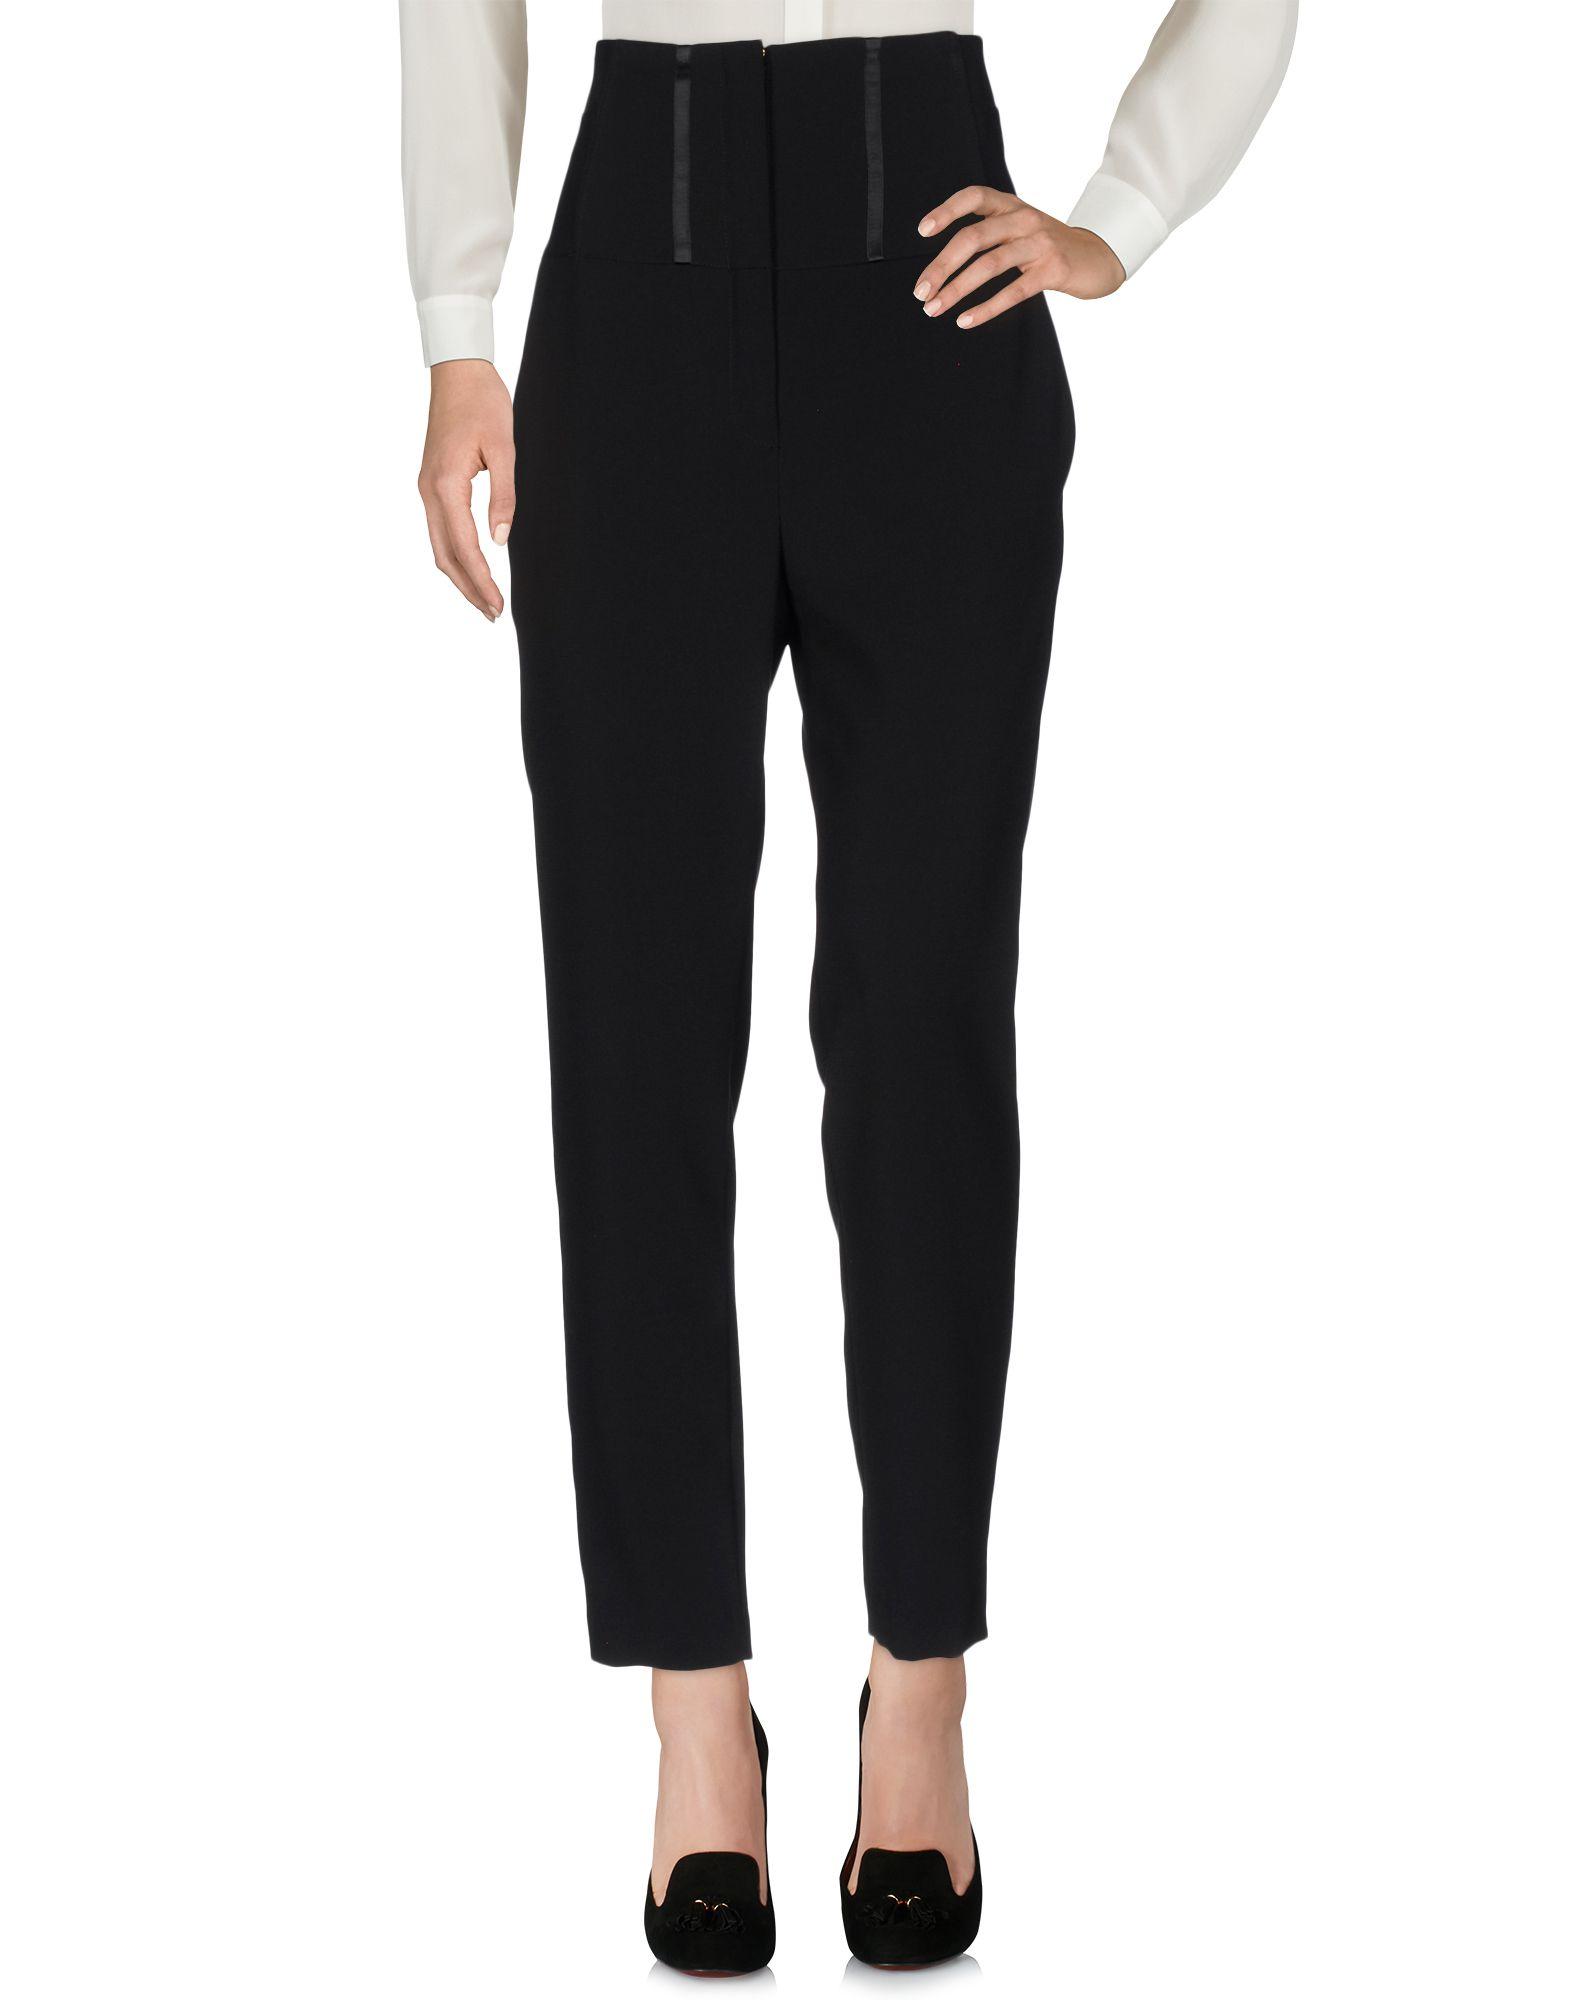 Pantalone Atos Lombardini Donna - Acquista online su mR68IoBWM